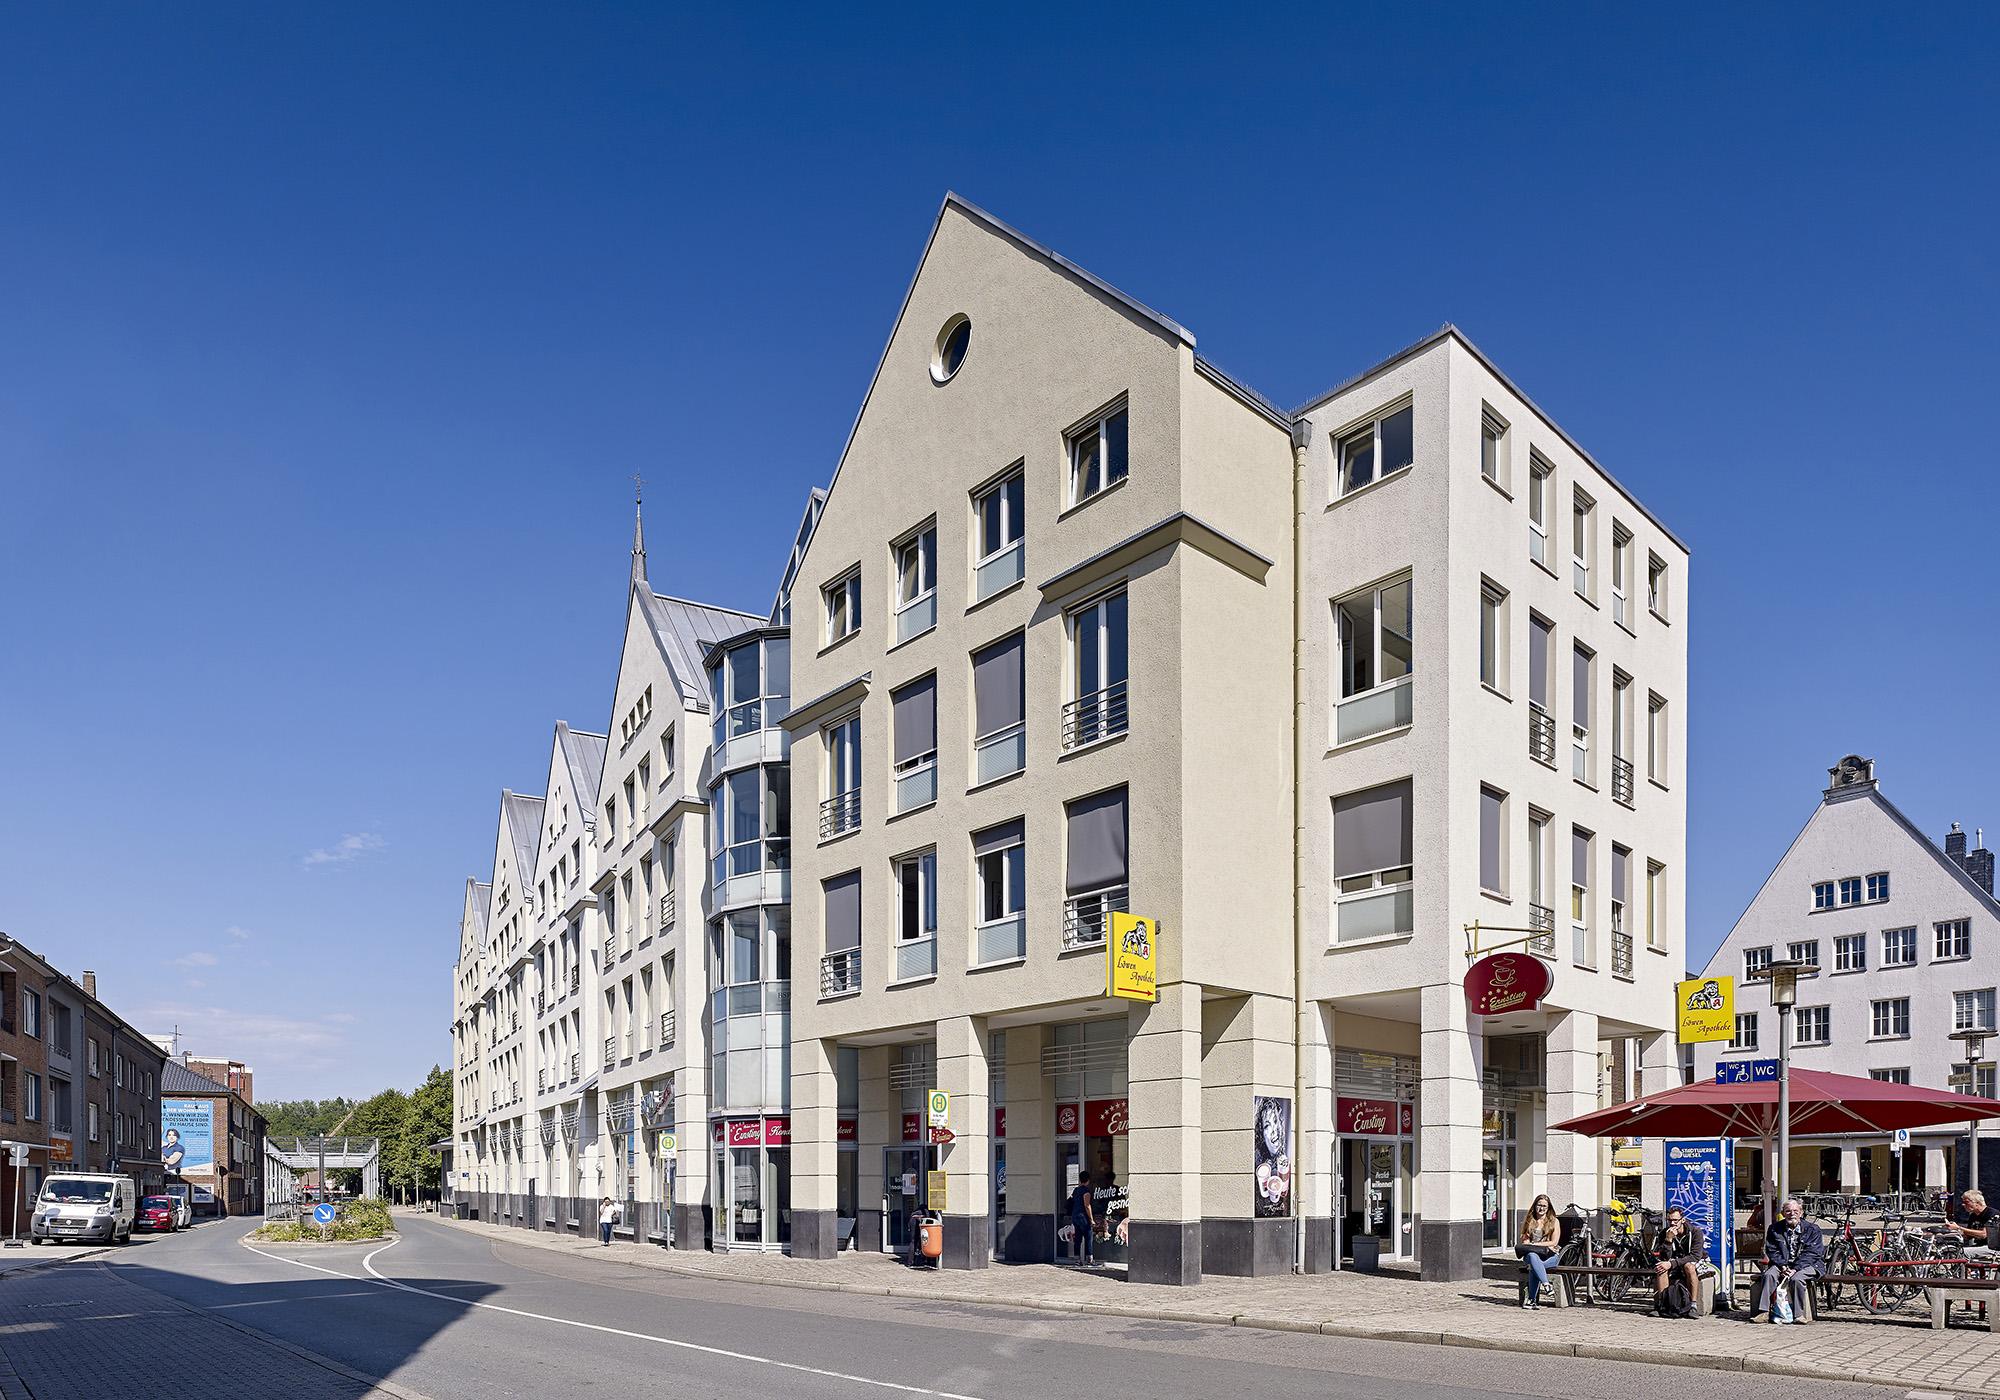 Fassadensanierung Trappzeile, Großer Markt, 46483 Wesel